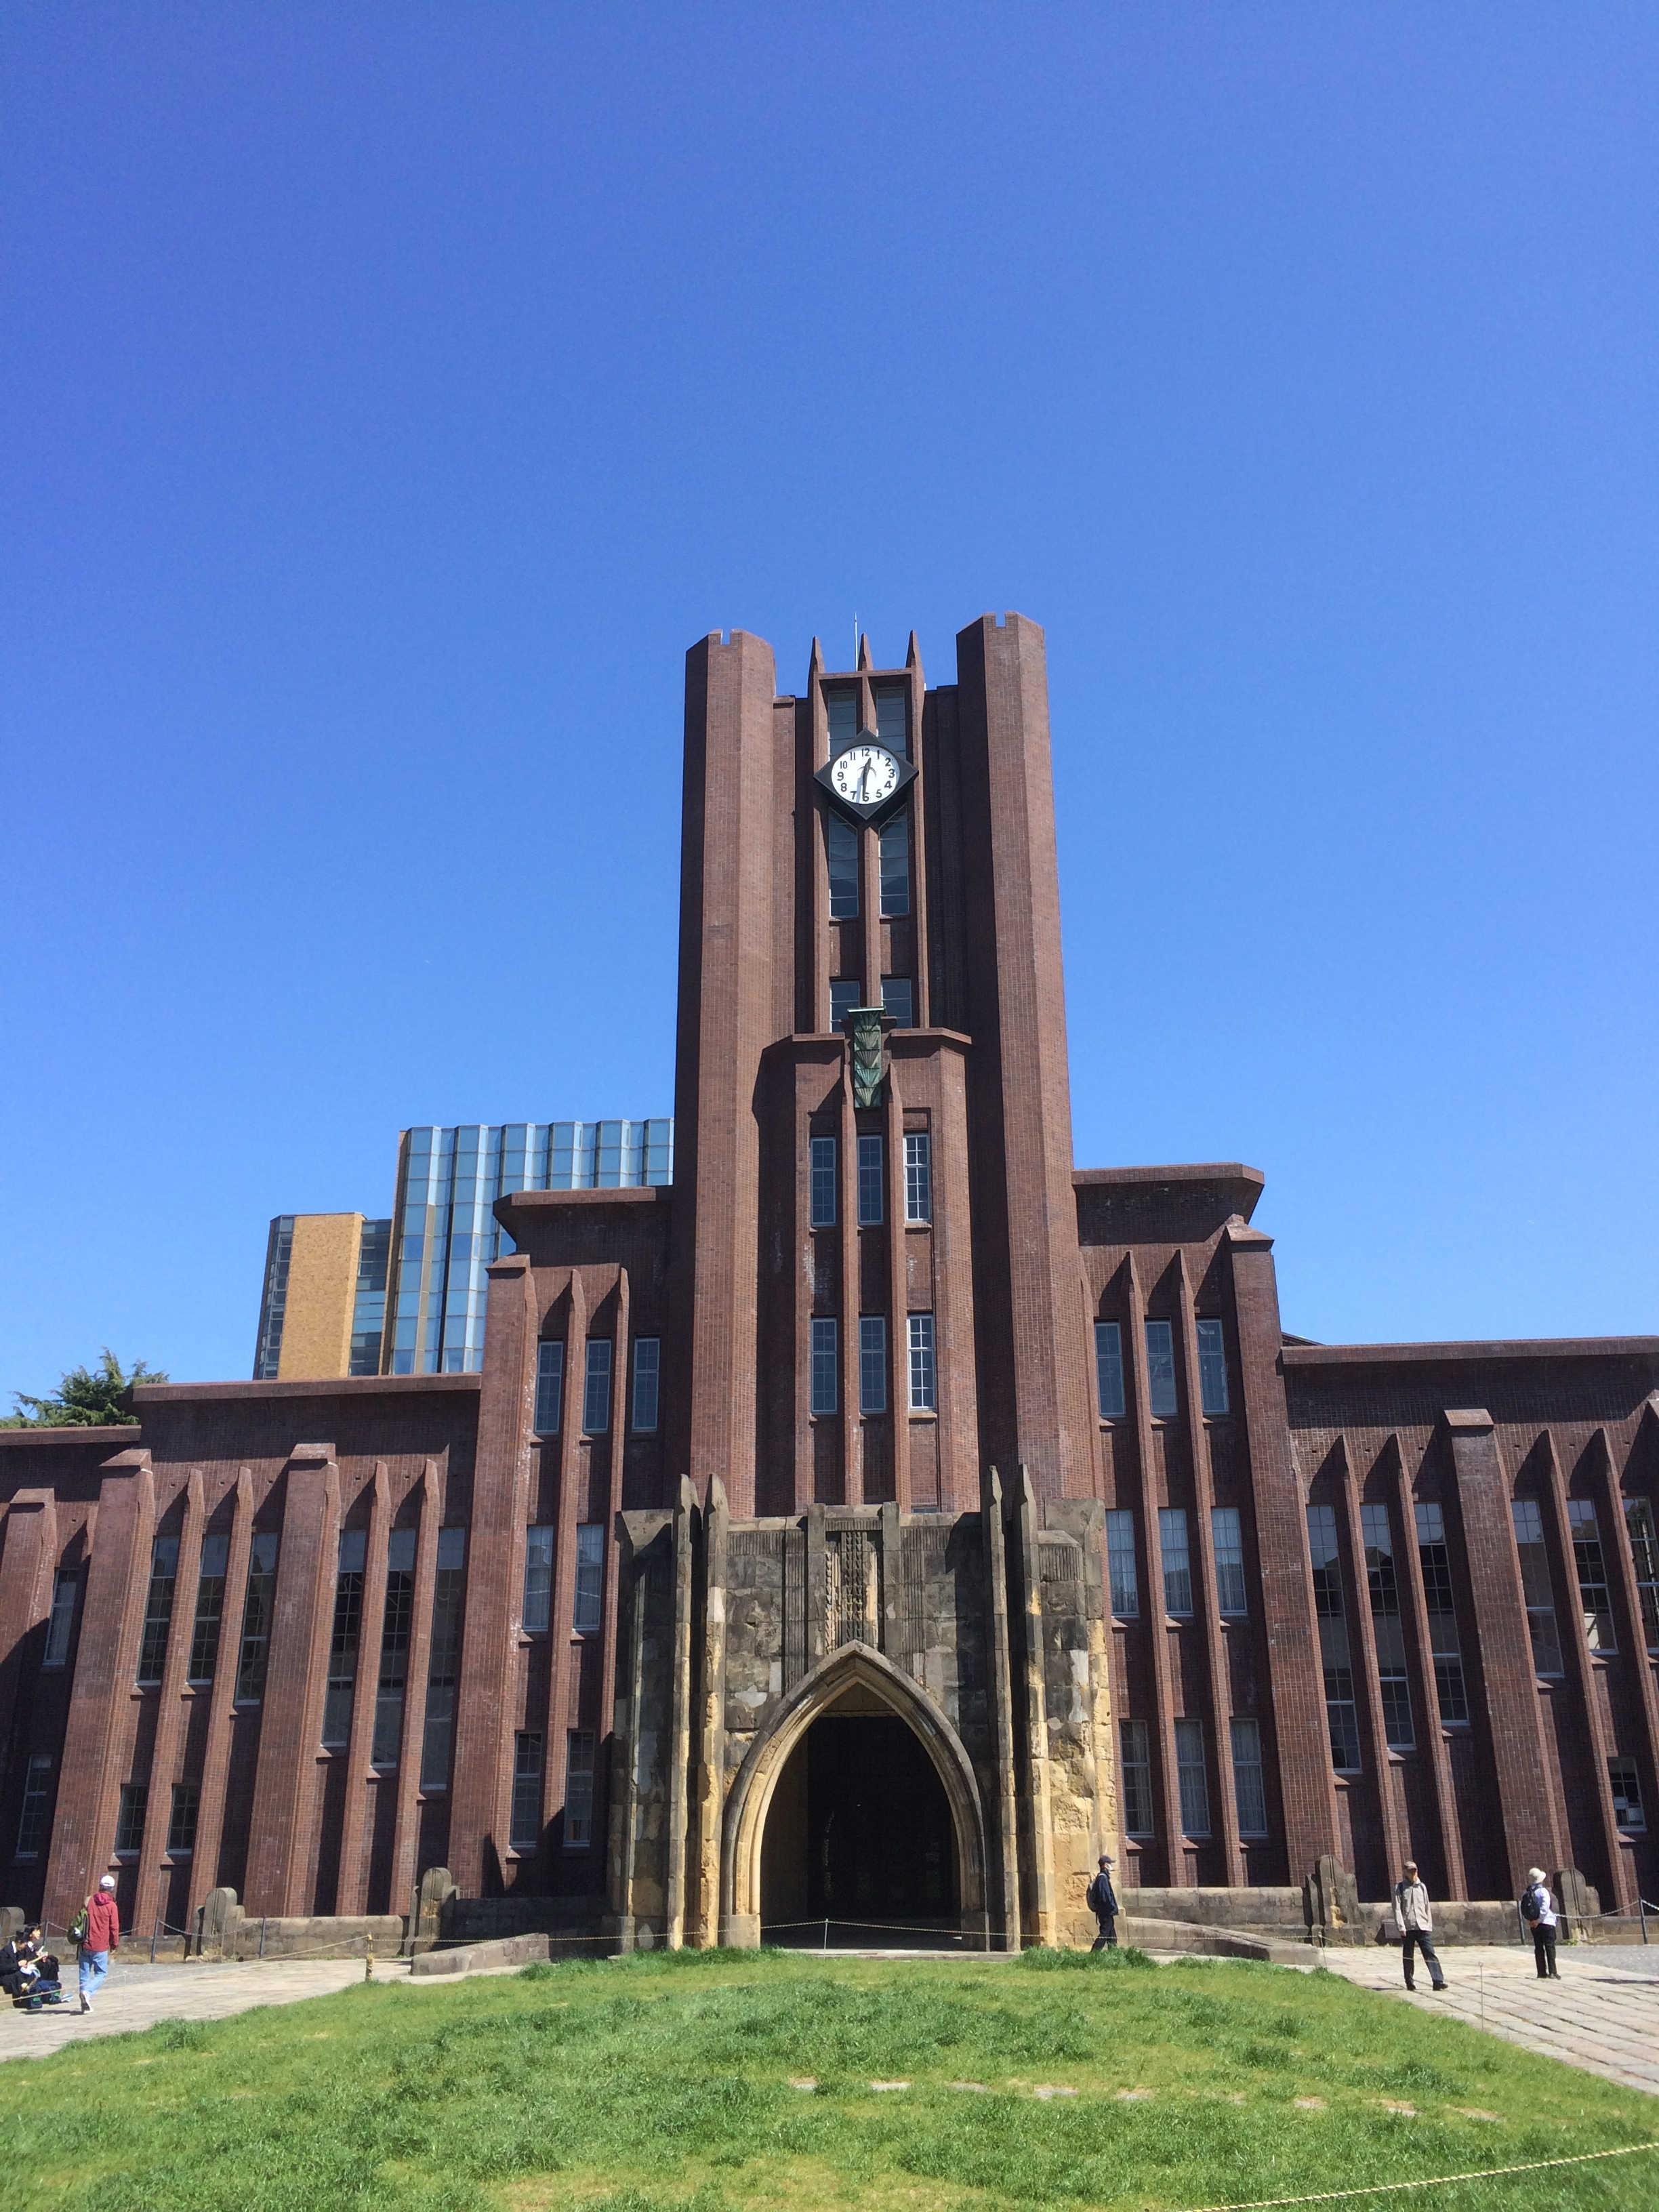 安田講堂 (東京大学大講堂)